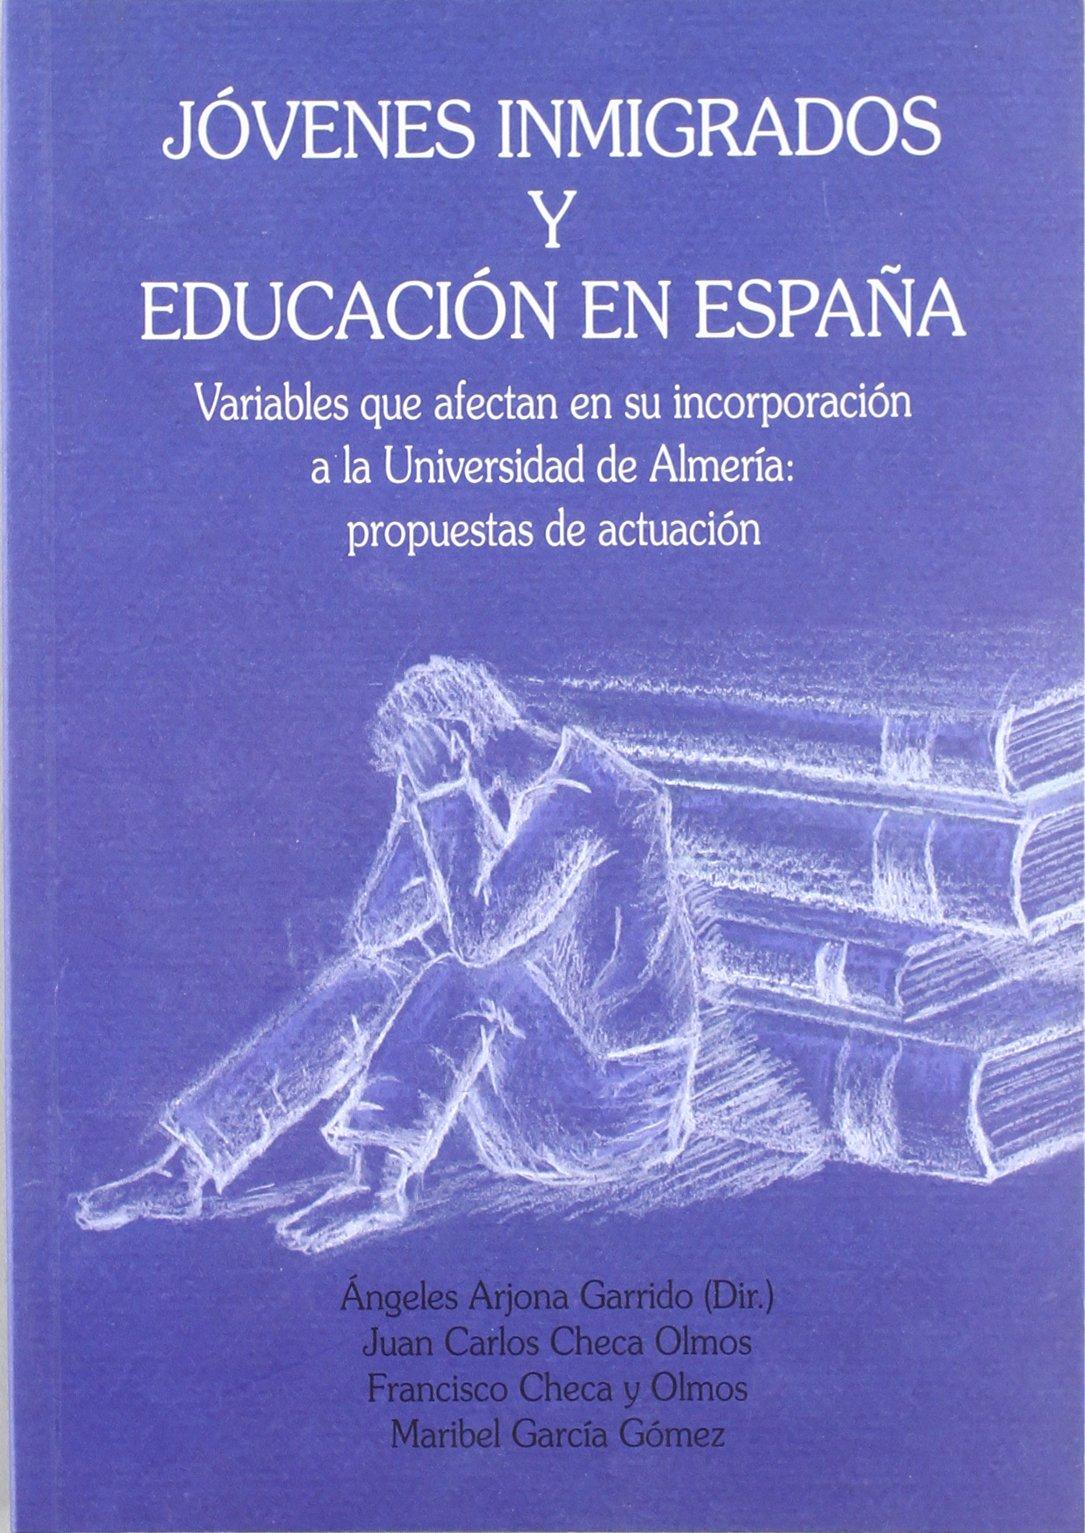 JOVENES INMIGRADOS Y EDUCACION EN ESPAÑA: Amazon.es: CHECA OLMOS, JUAN CARLOS: Libros